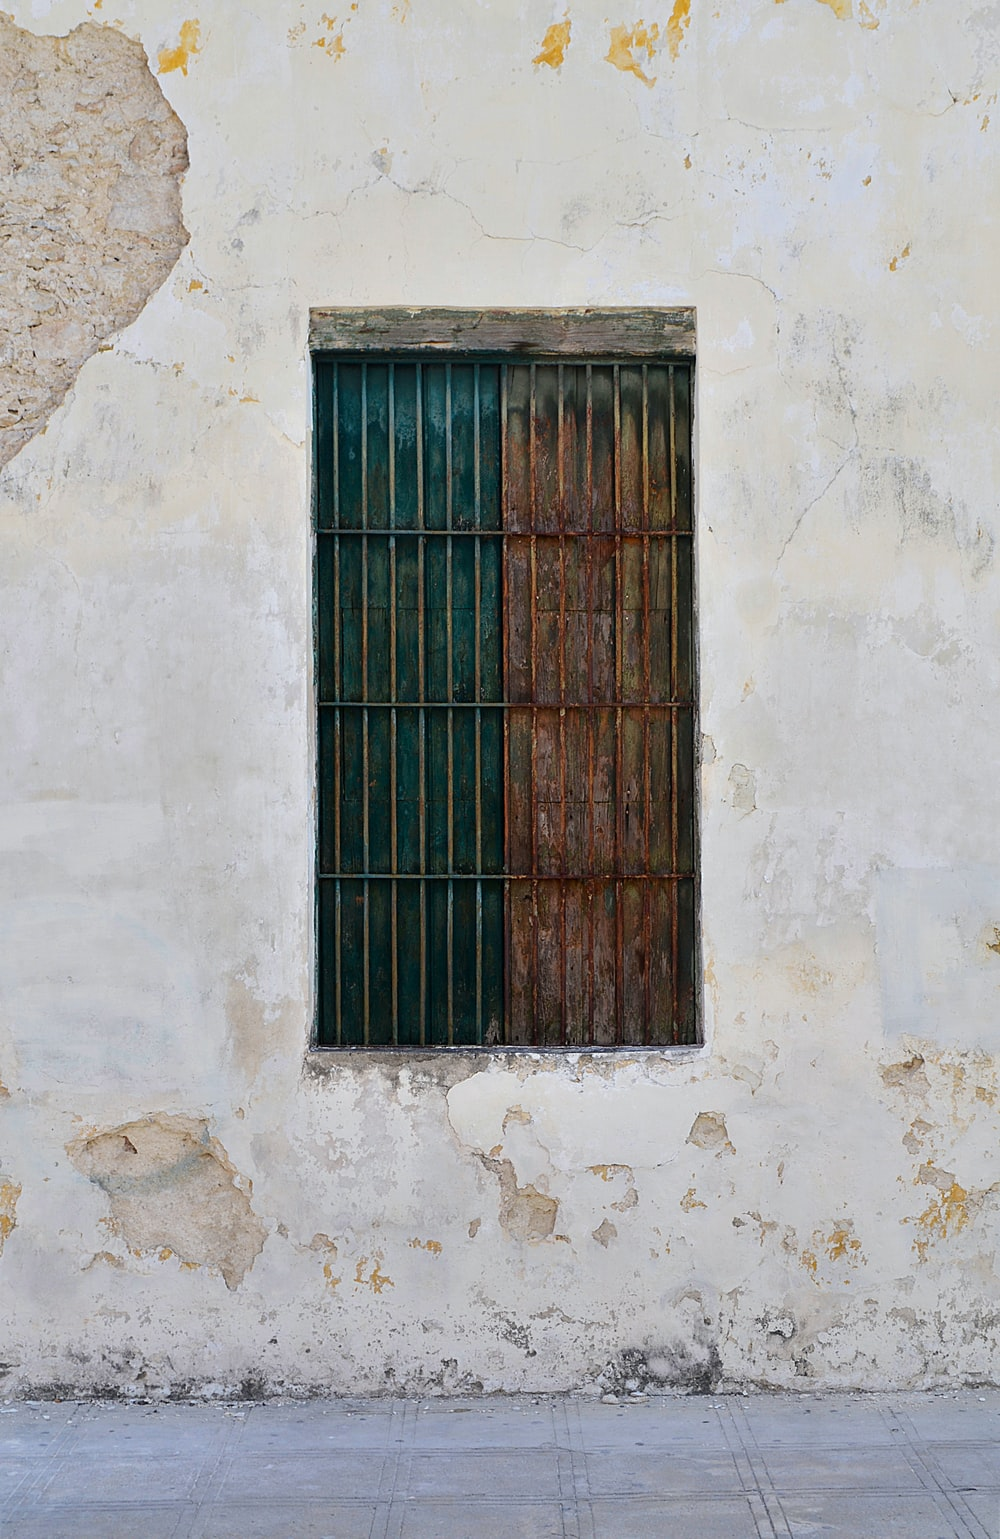 brown metal window